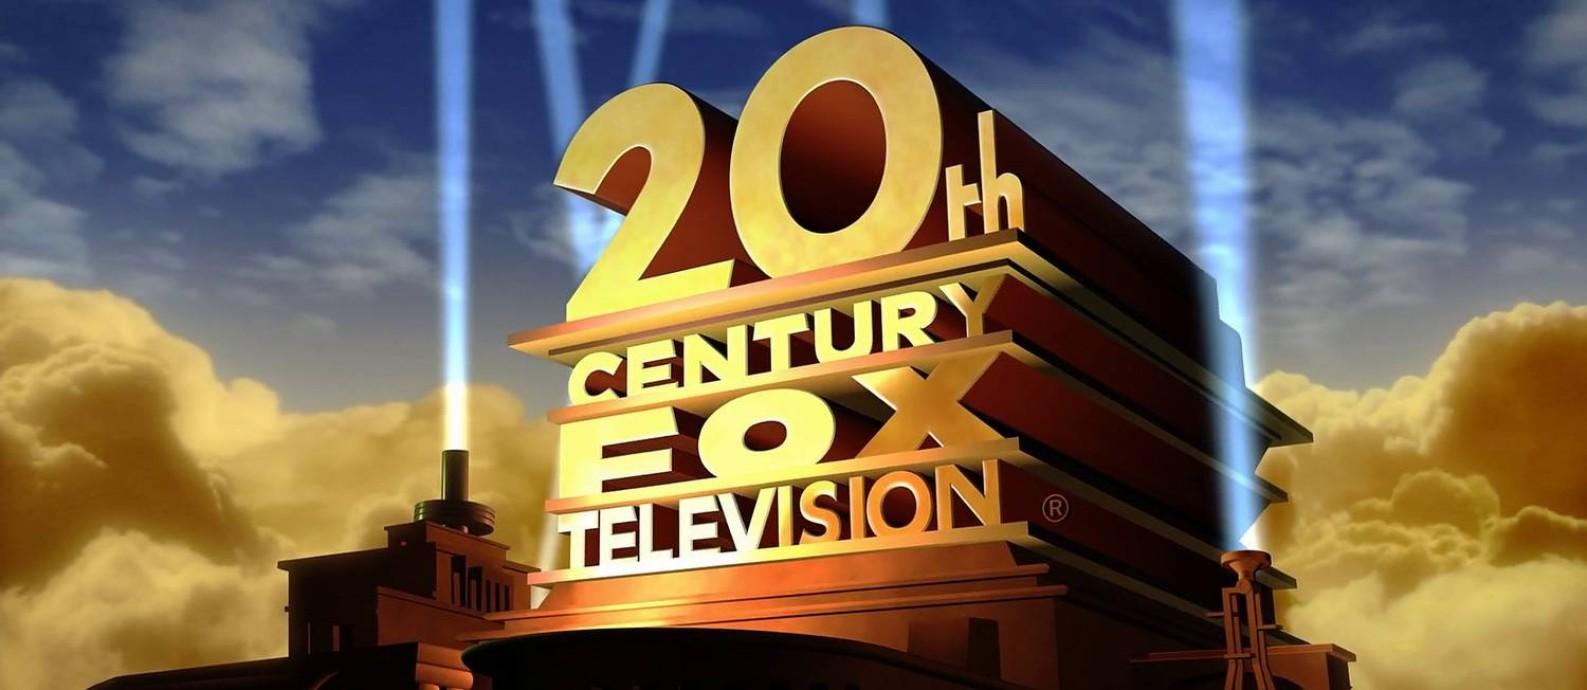 O estúdio de TV 20th Century Fox Television será chamado apenas como 20th Television Foto: Reprodução